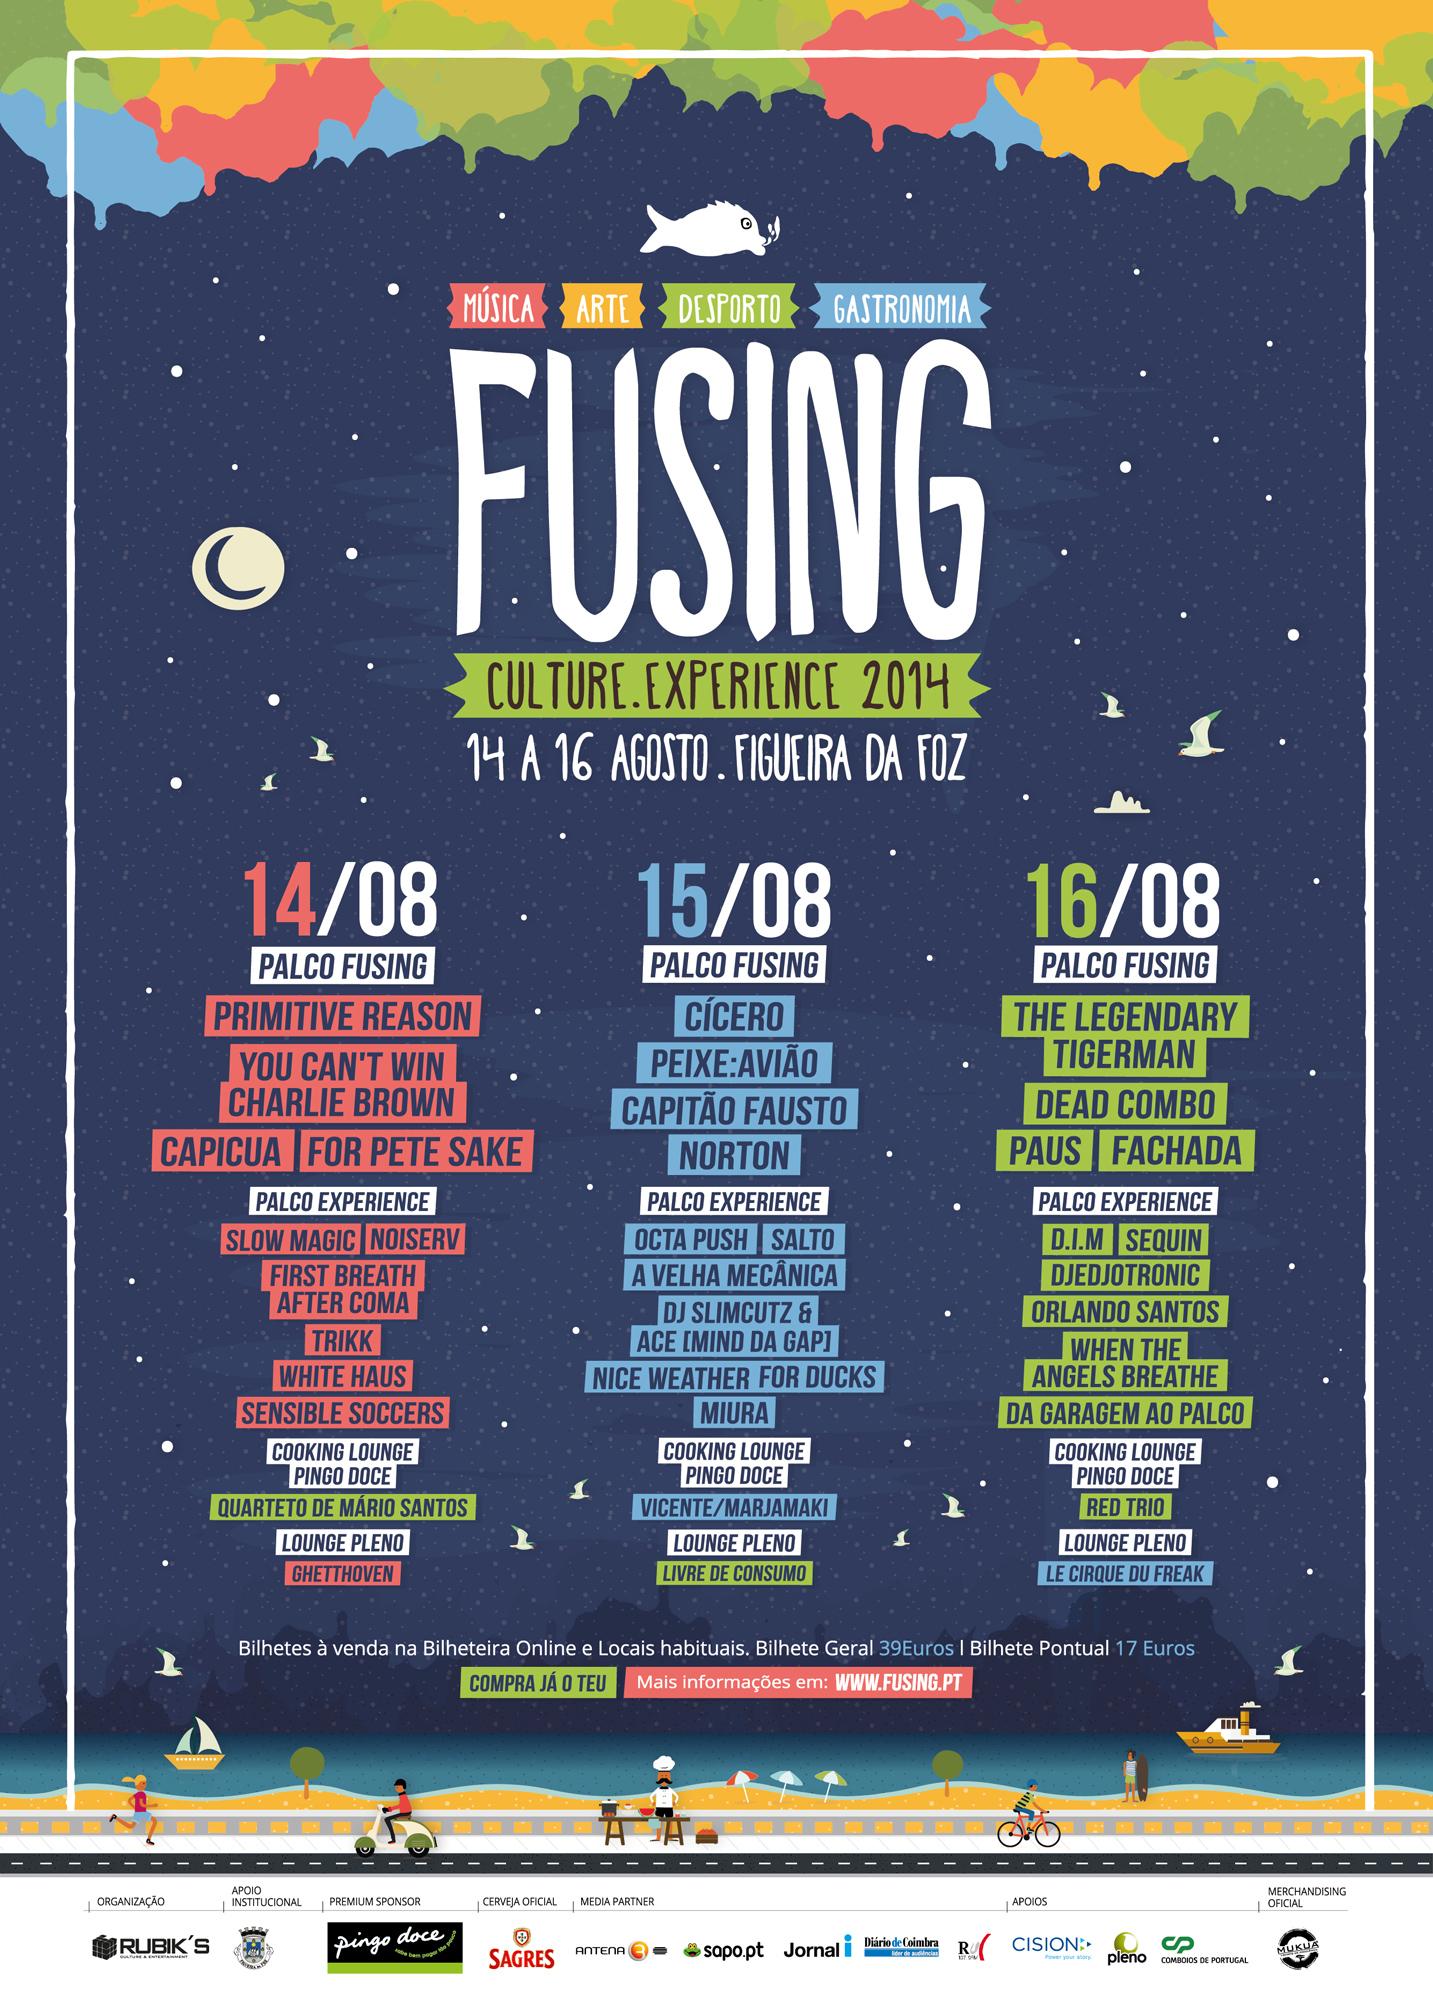 fusing14_musica